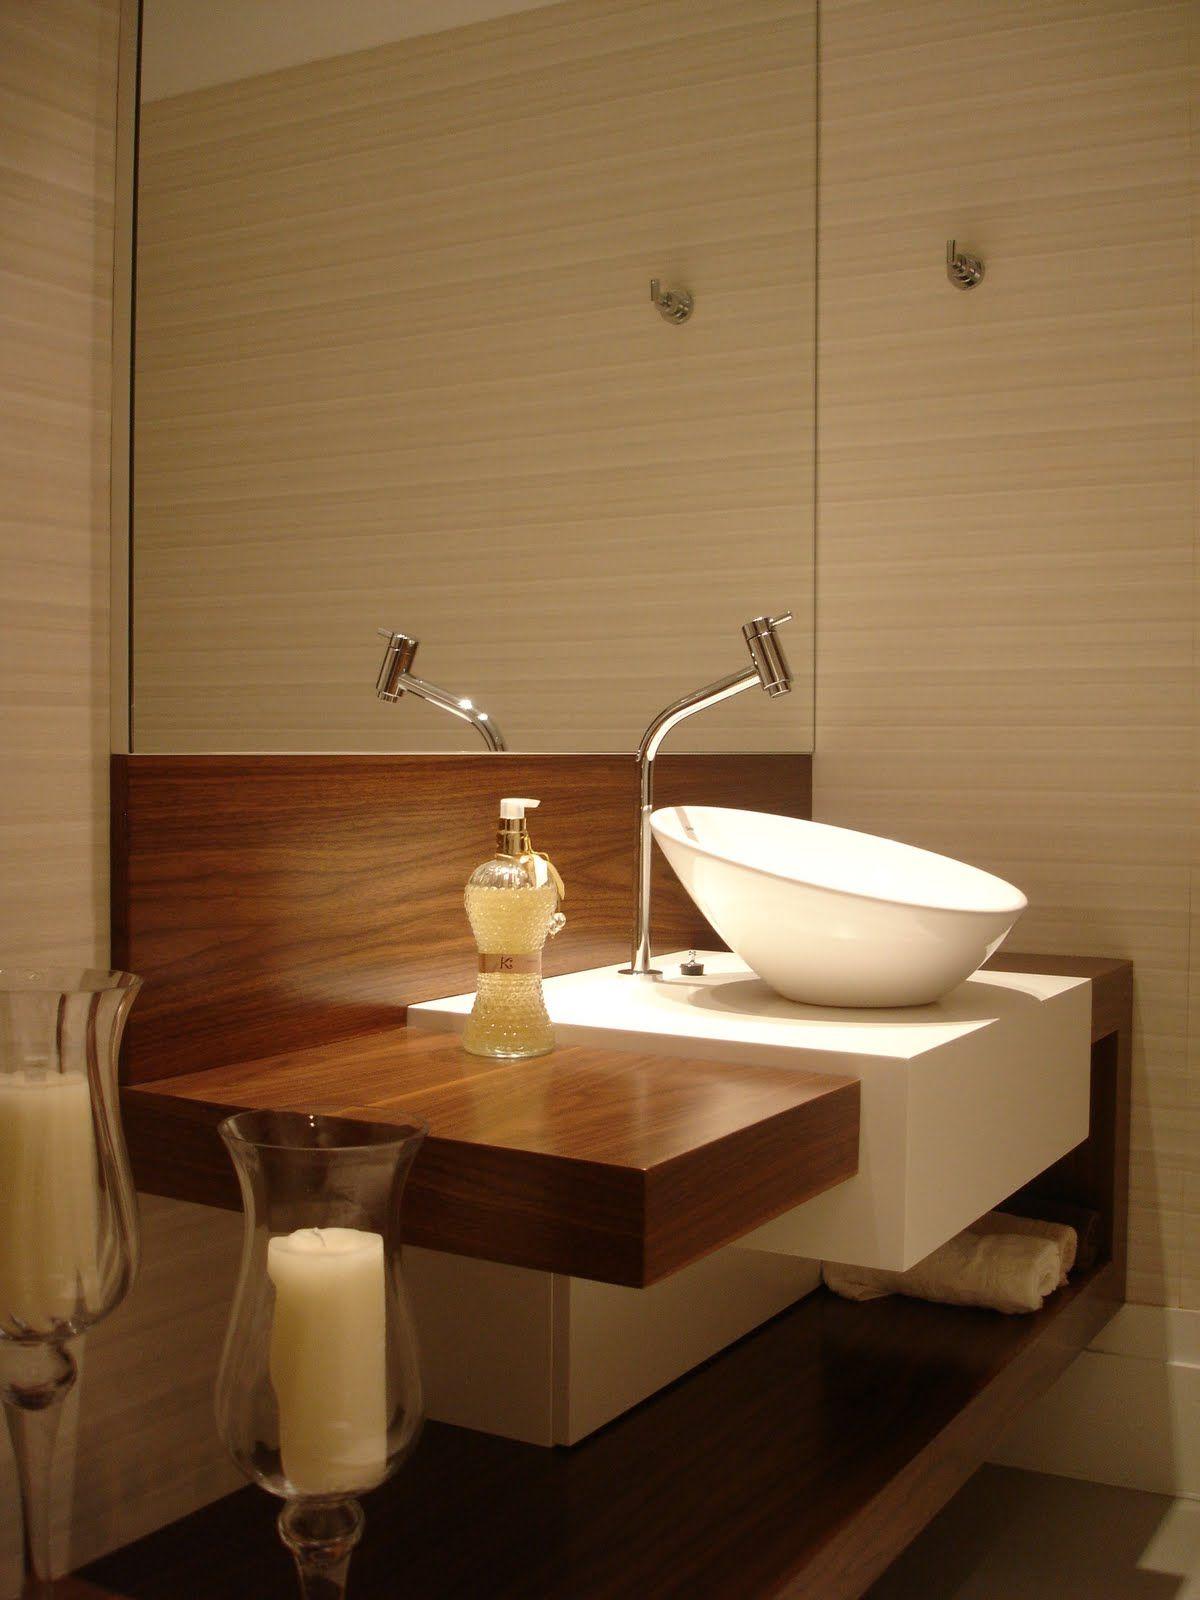 Este lavabo est al lado de la ducha en el peque o cuarto for Poner ducha en bano pequeno